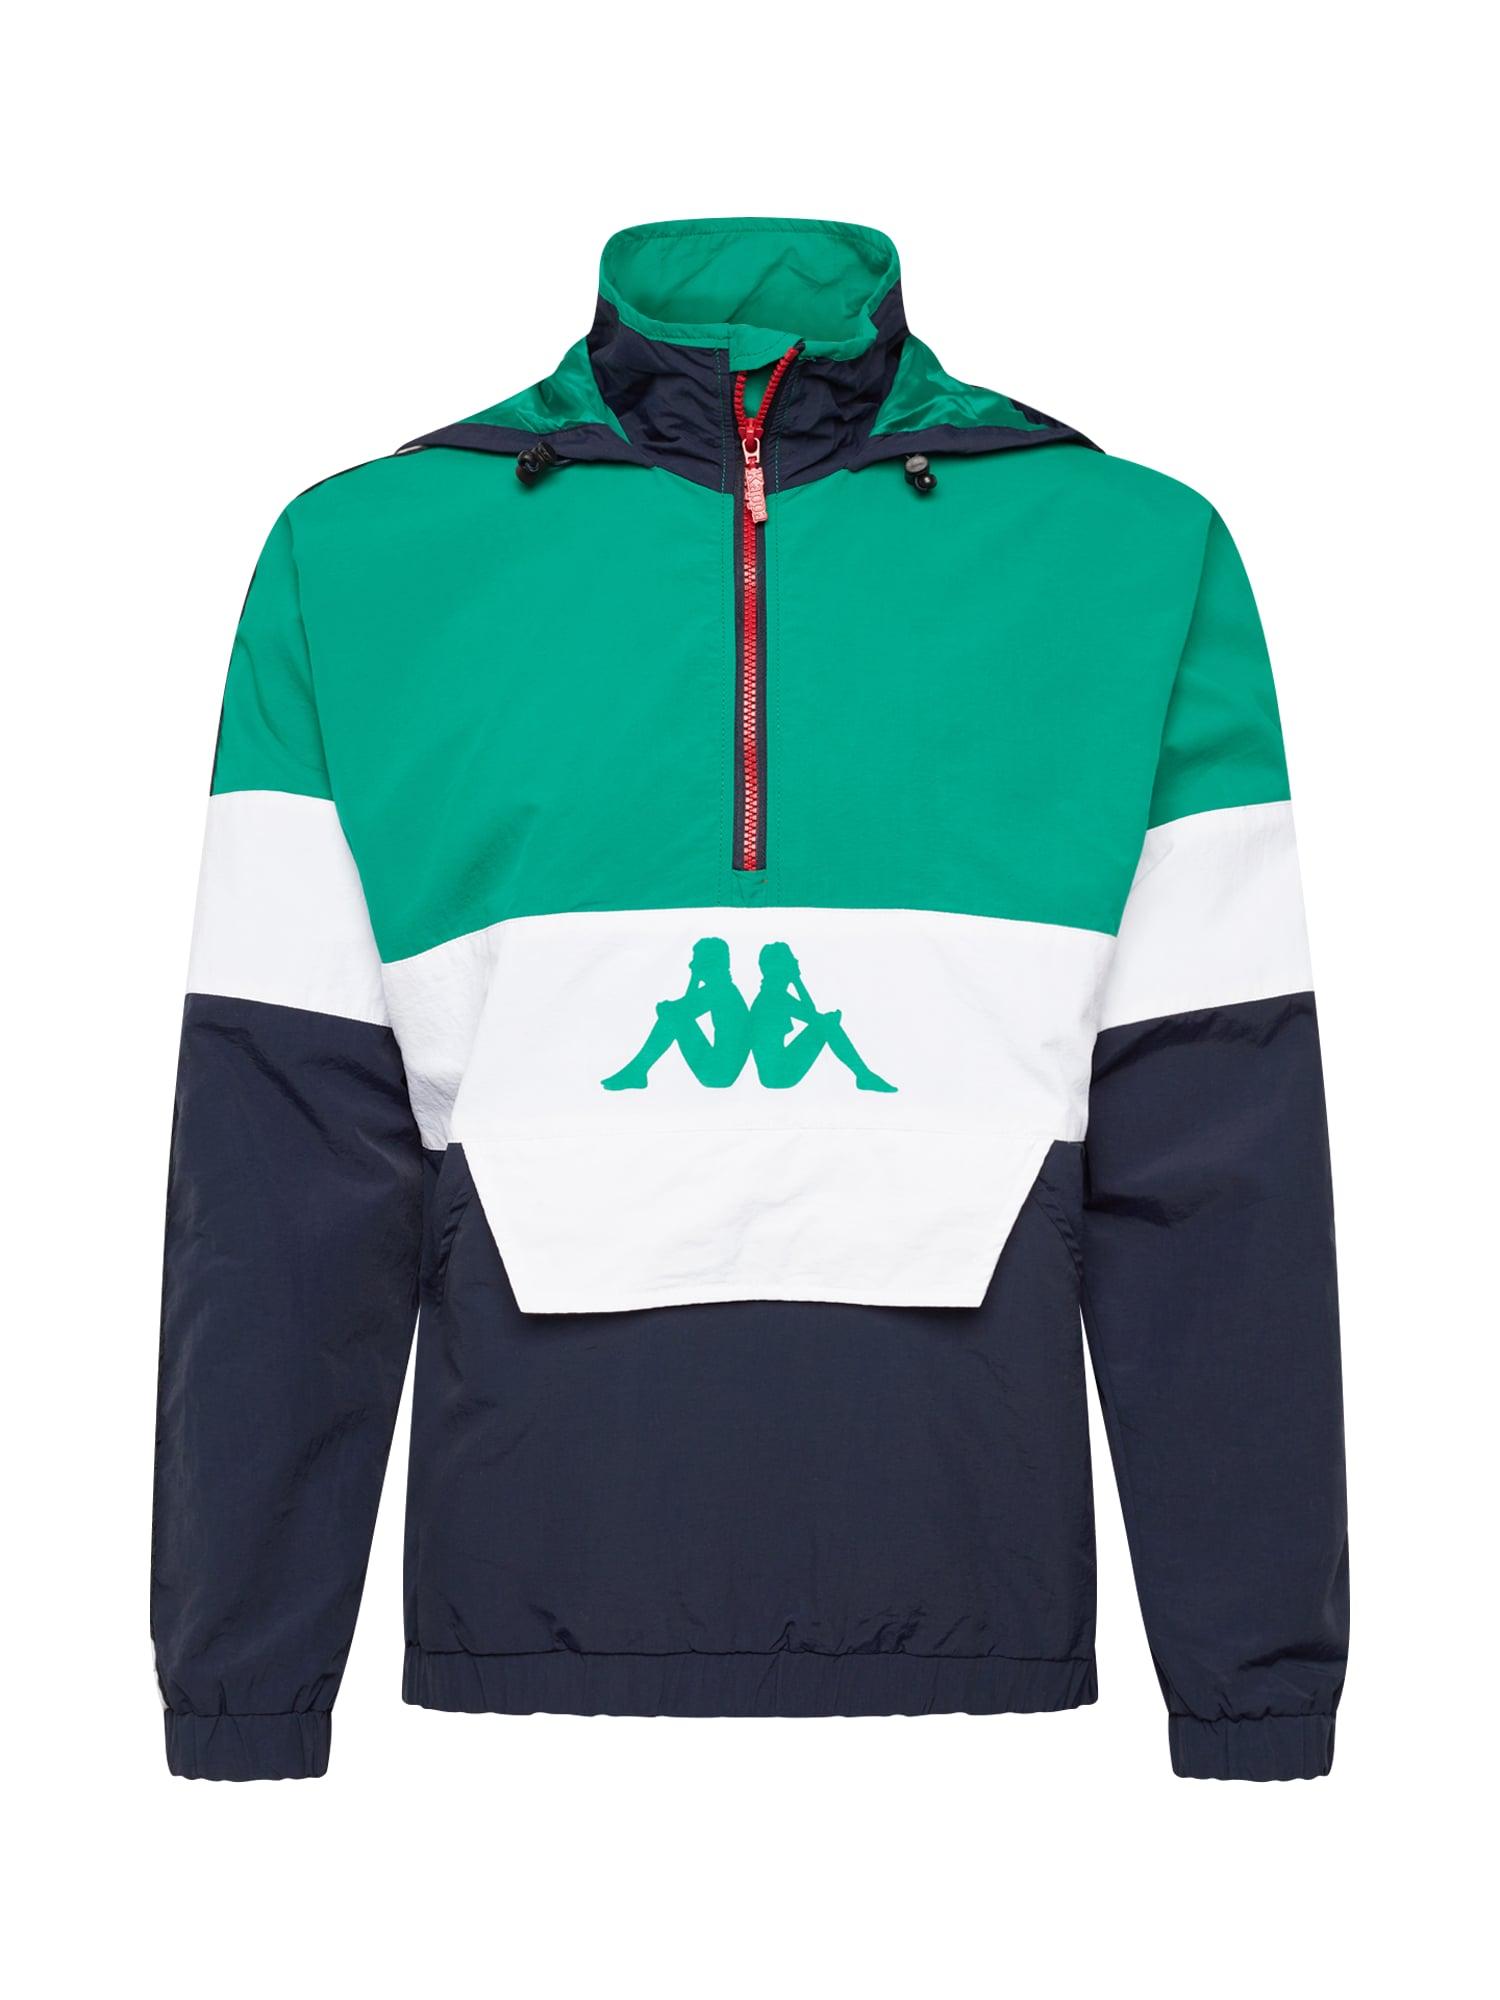 Přechodná bunda EMILE zelená černá bílá KAPPA